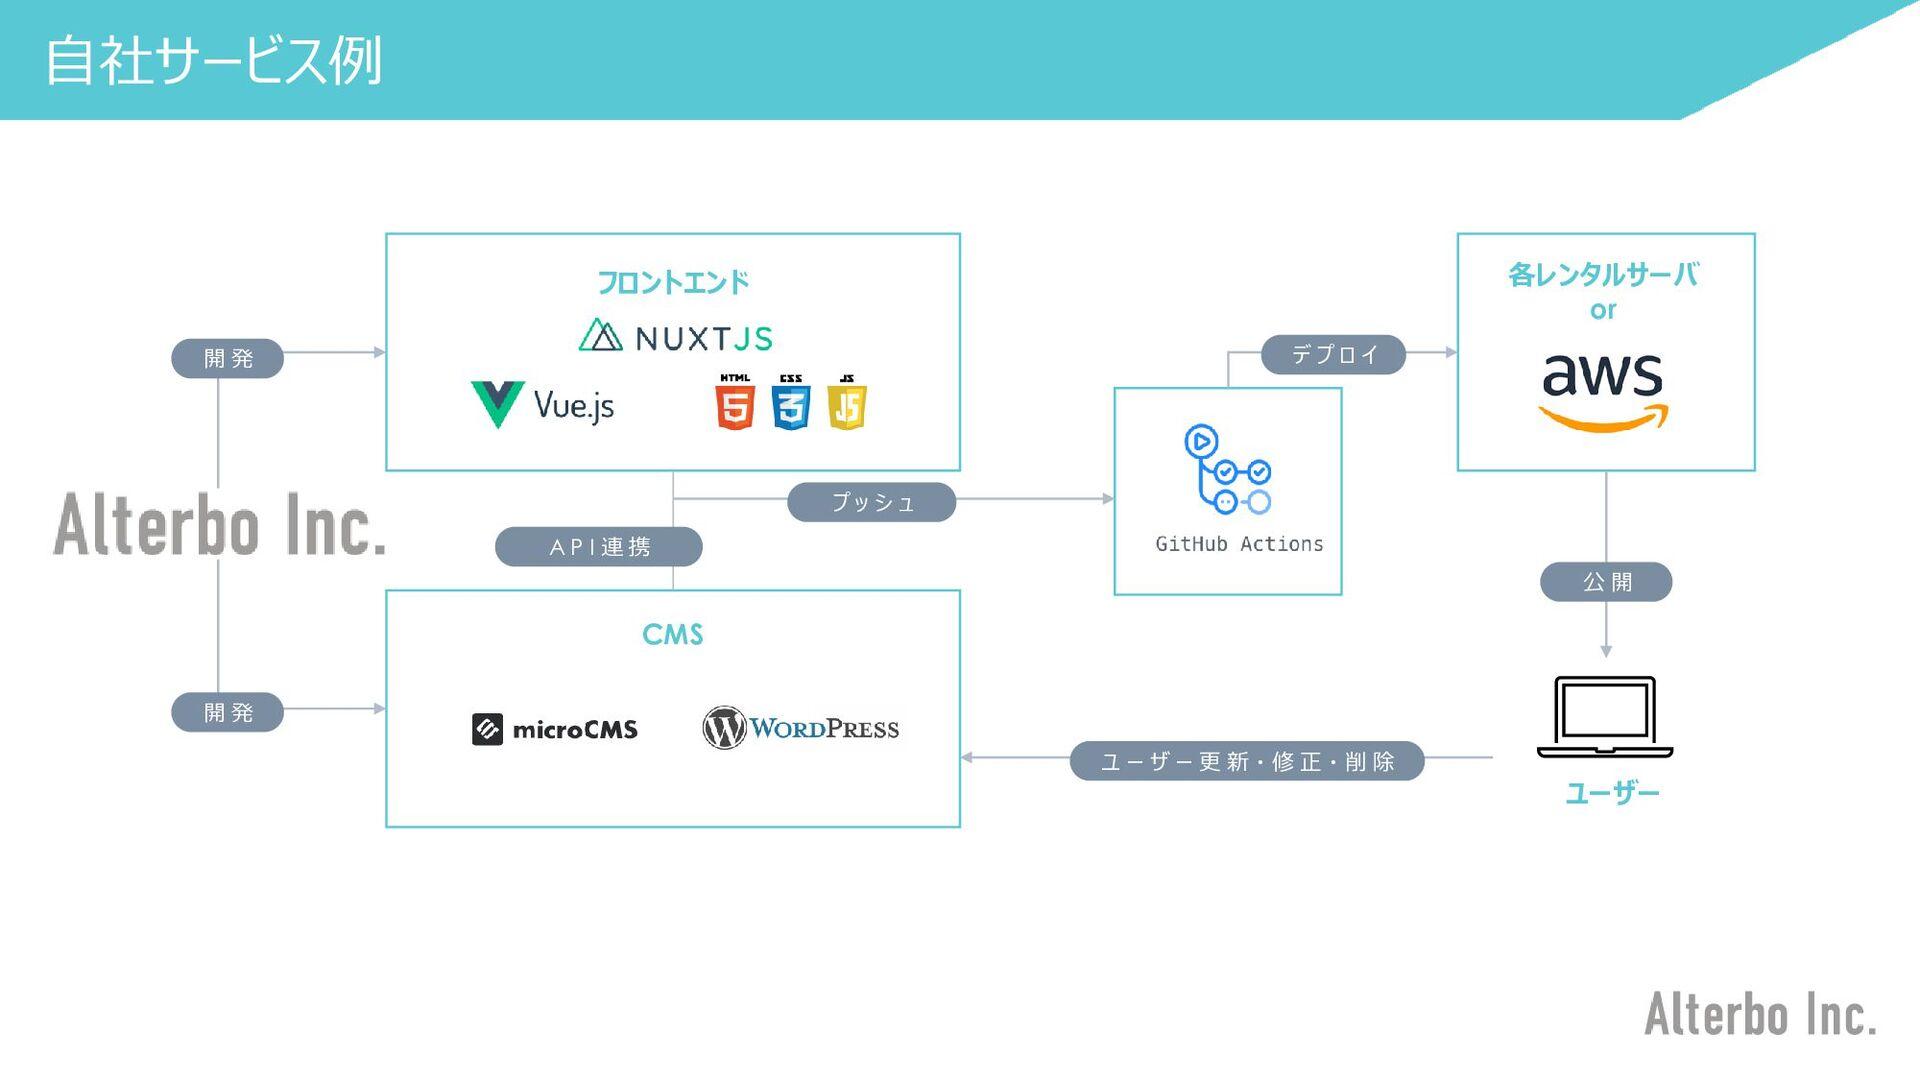 あ 業務系システム開発例 バックエンド/フロントエンドの開発、アプリ開発、オンプレ/クラウドに...